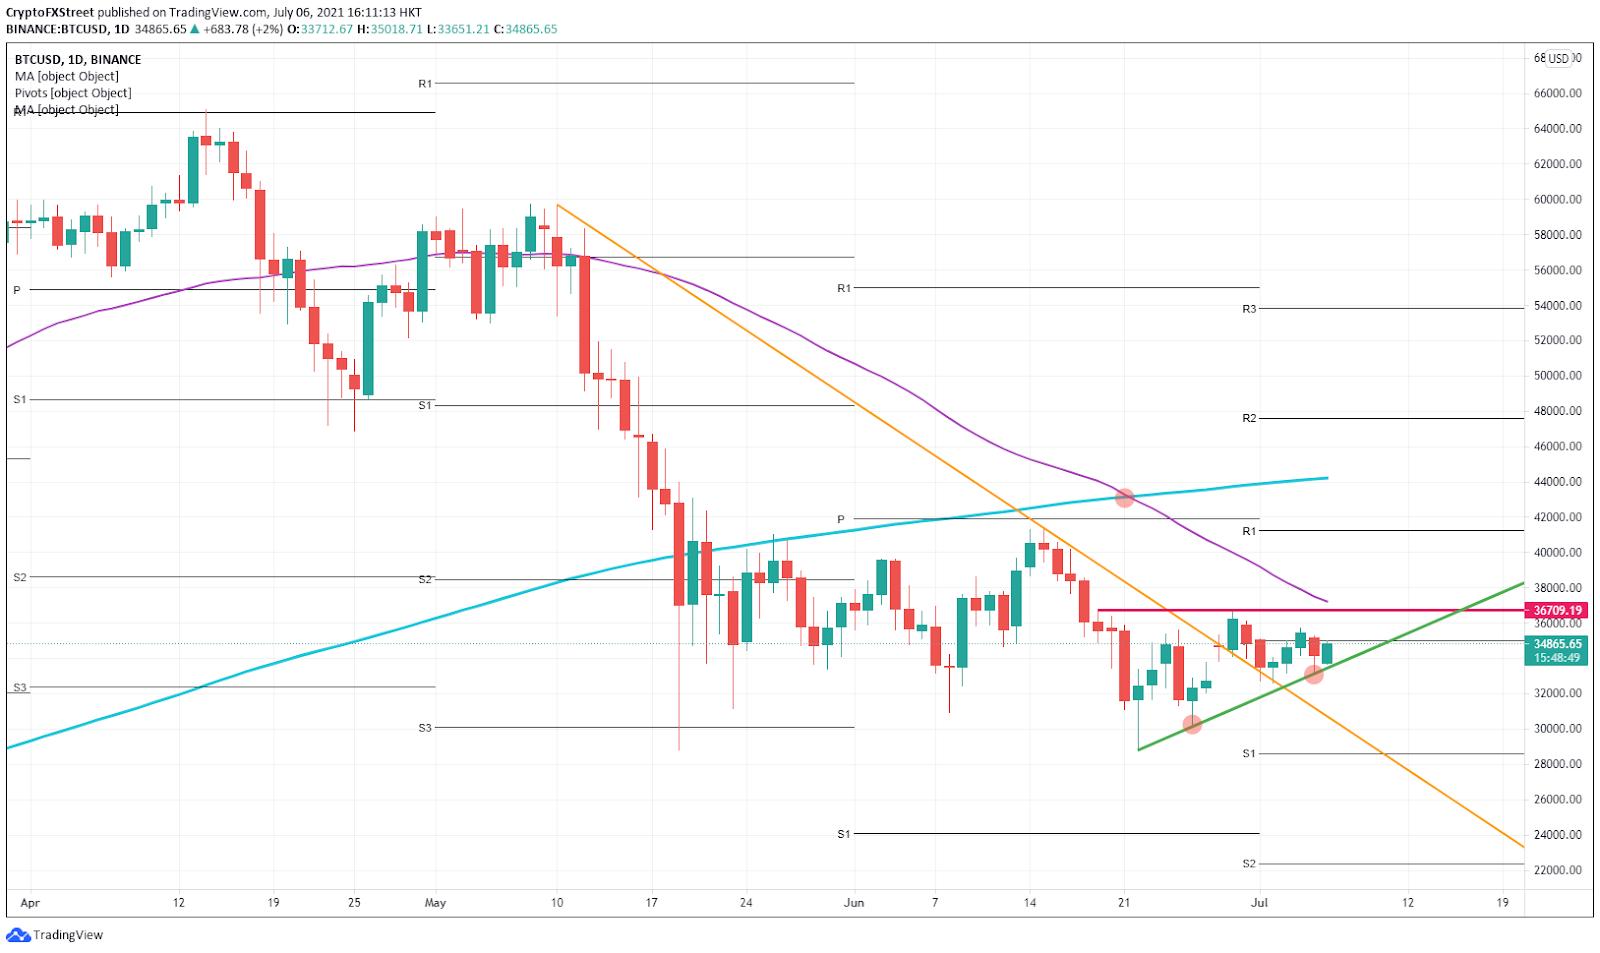 BTC/USD 日线图